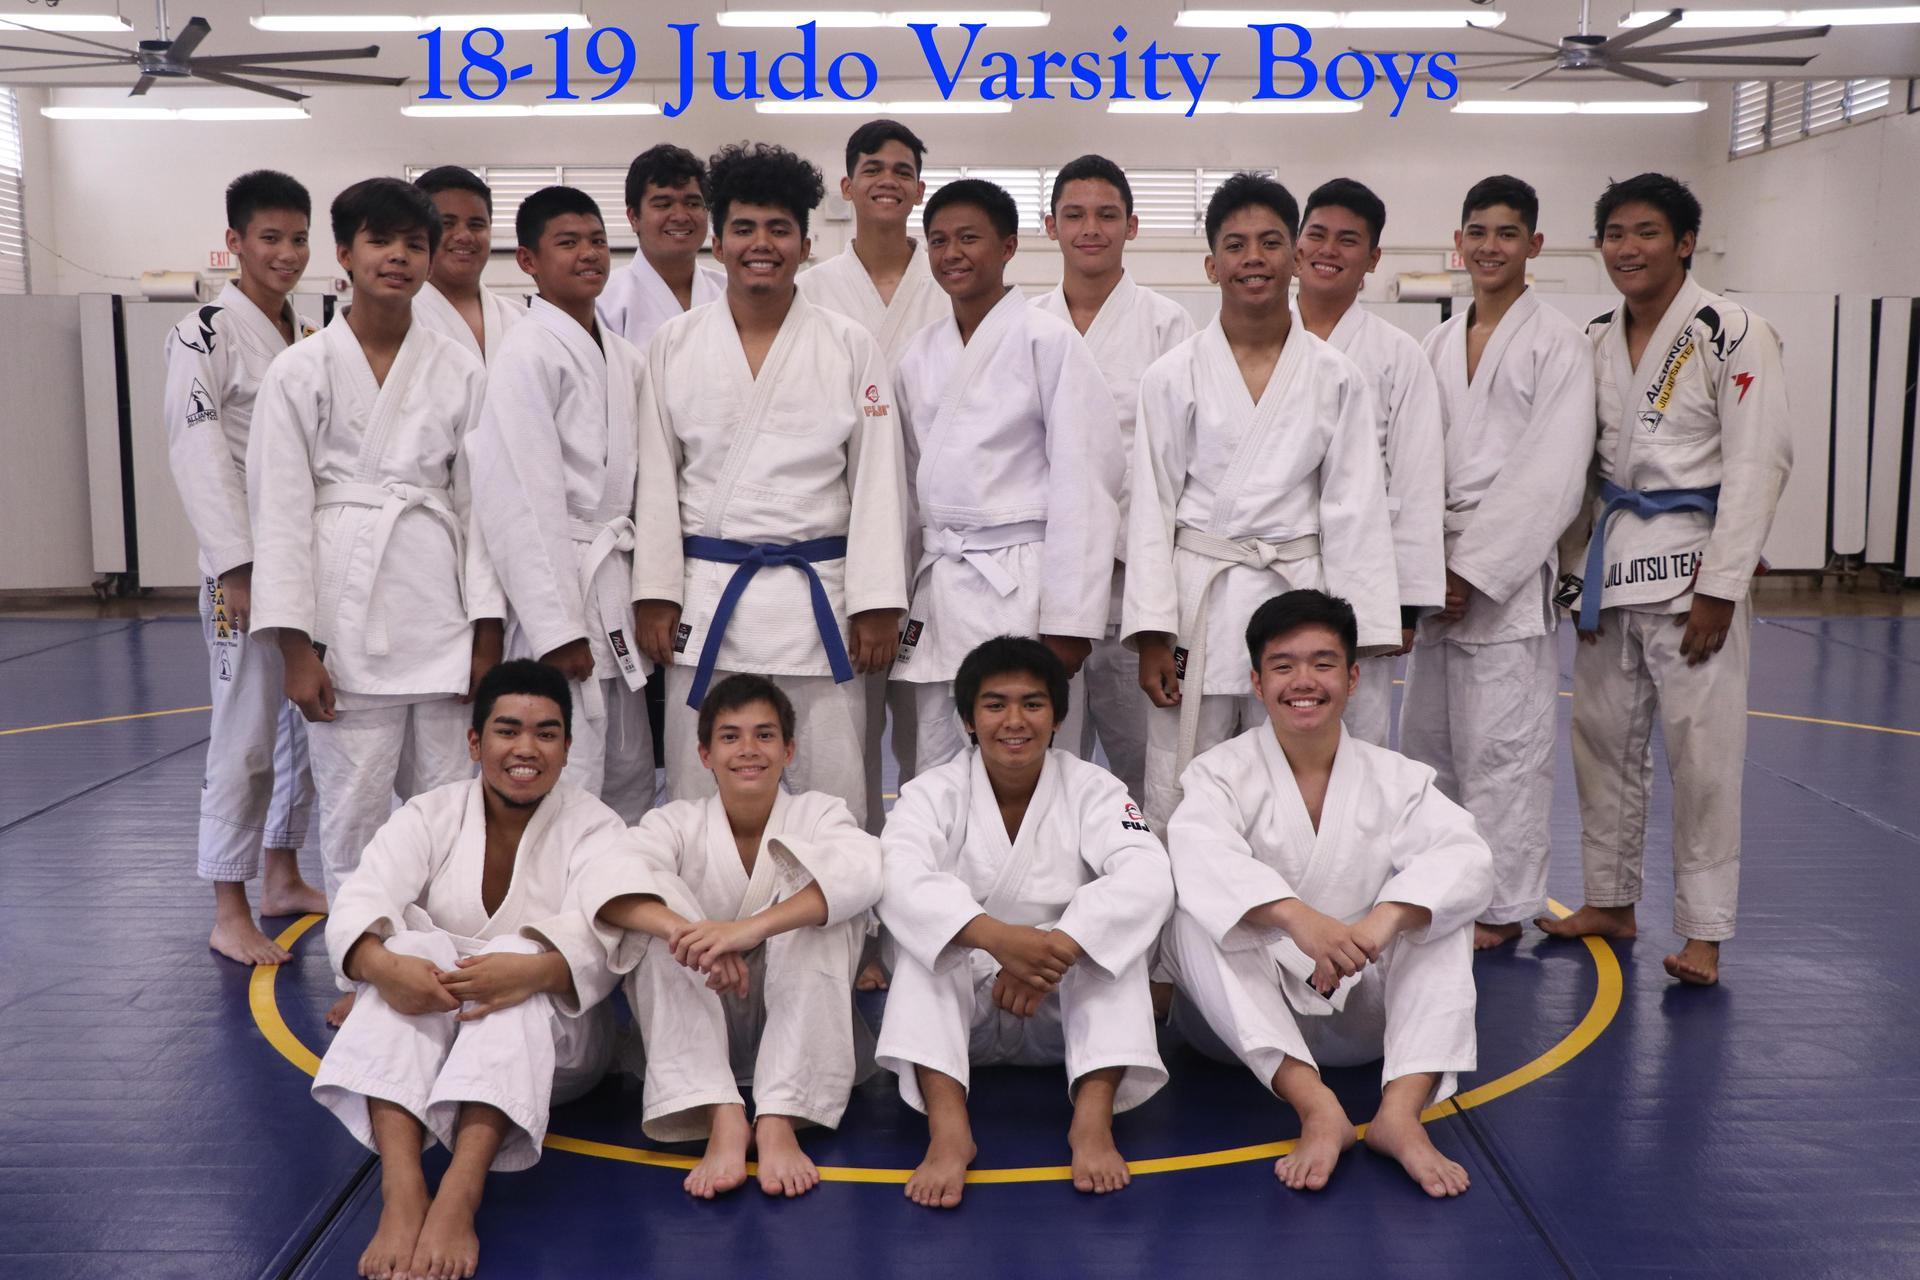 Judo Varsity Boys